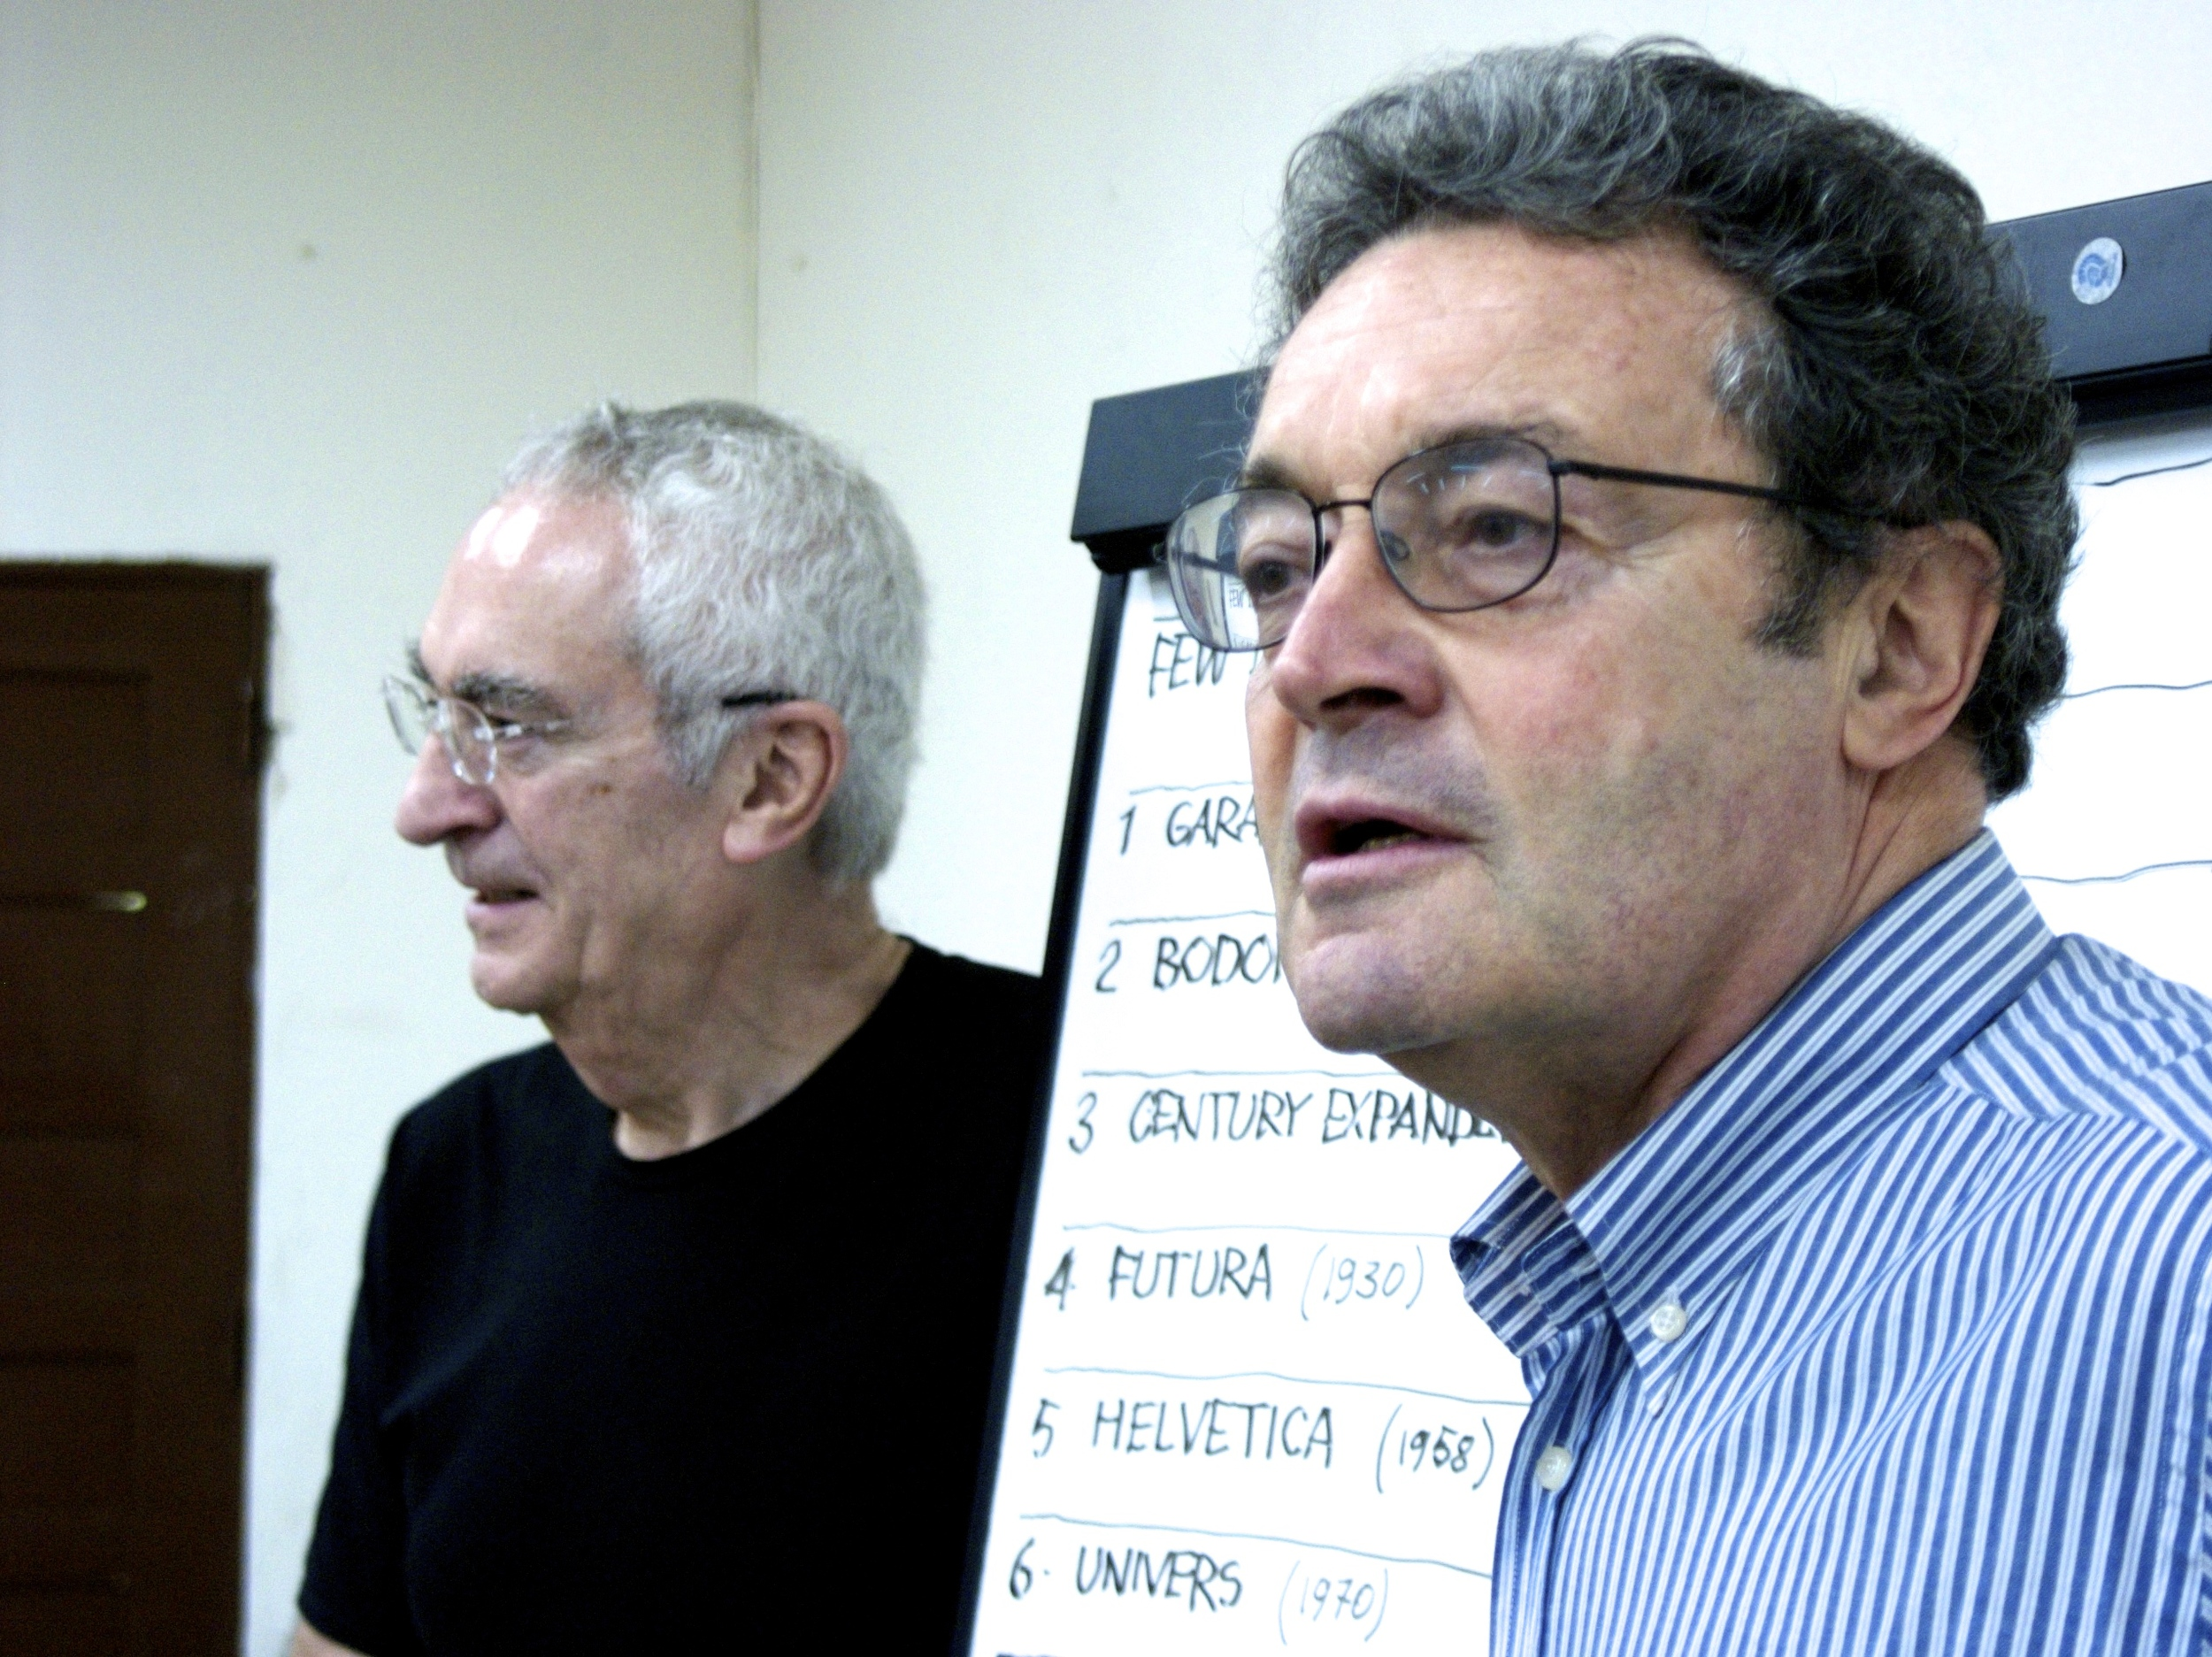 Designers Massimo Vignelli (Left) and Domingo Milani (Right)